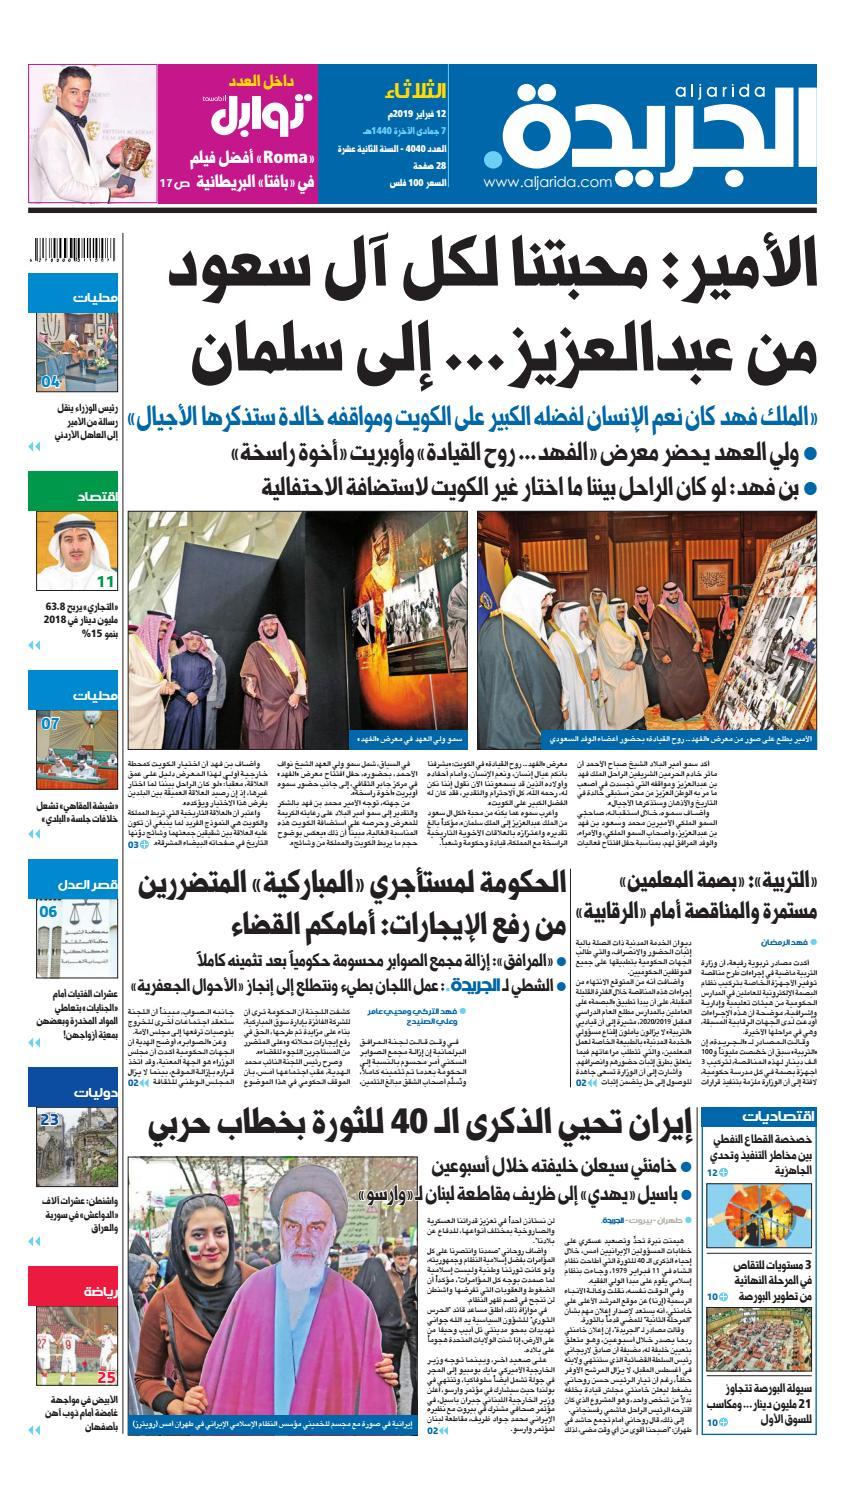 c64a3046a0b24 عدد الجريدة الثلاثاء 12 فبراير 2019 by Aljarida Newspaper - issuu